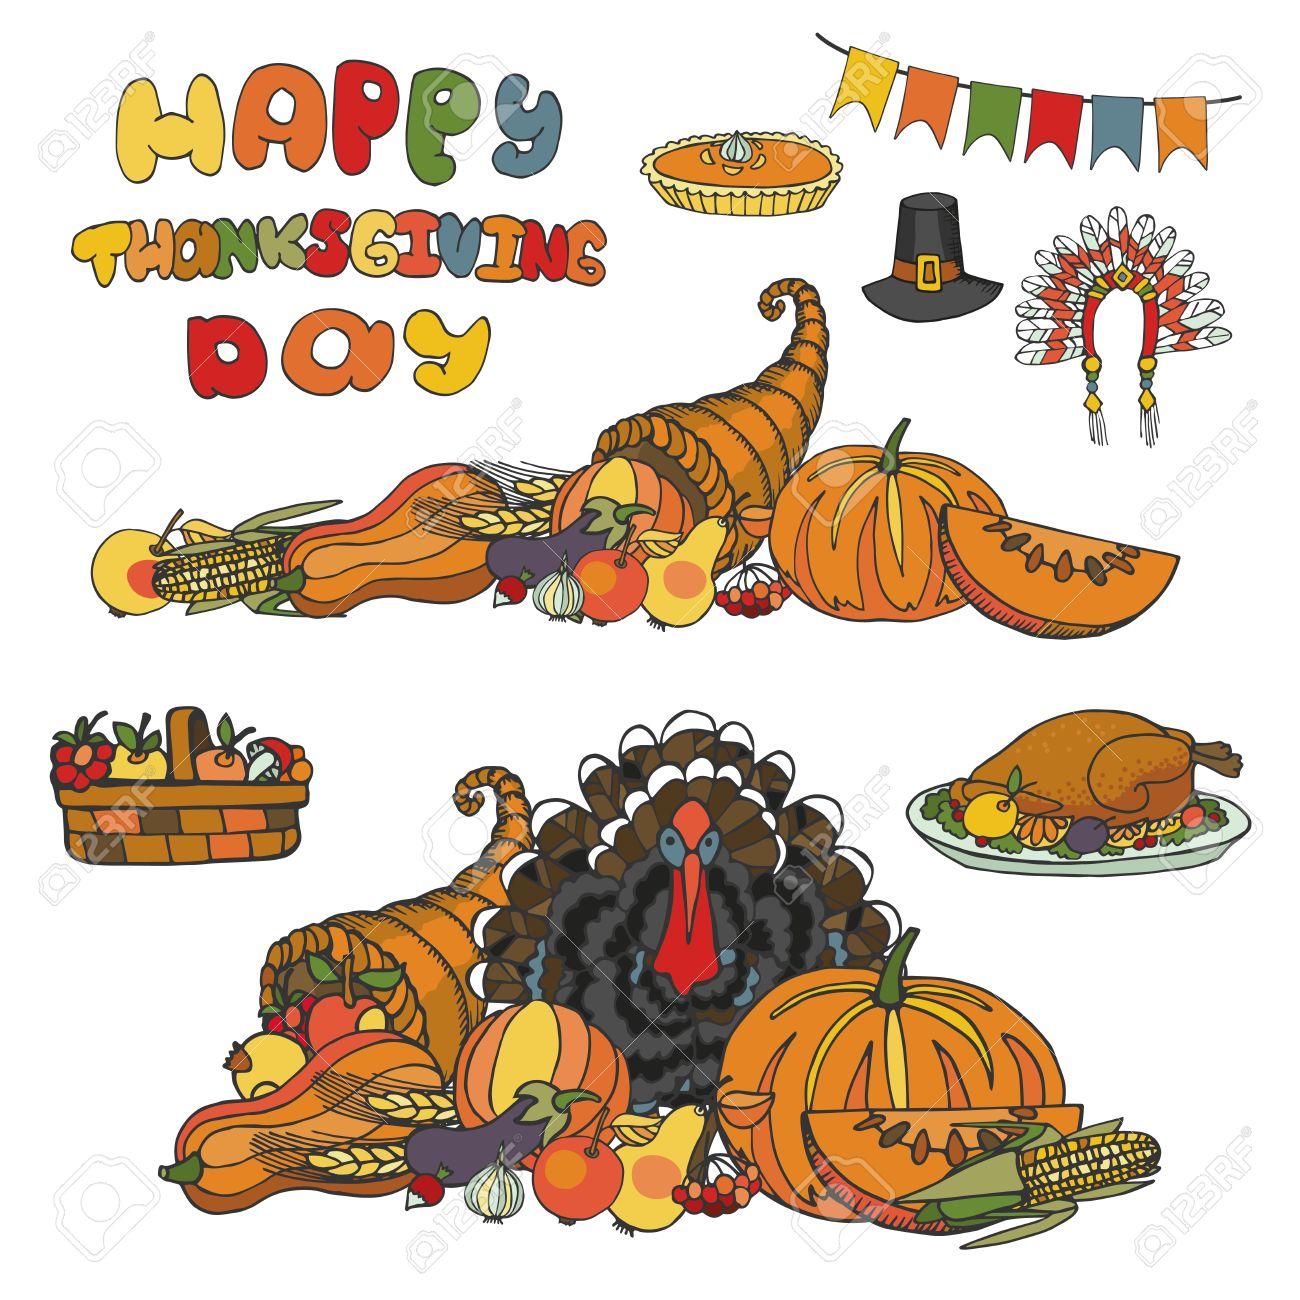 Thanksgiving day doodle set Autumn harvest decor  elements,cornucopia,Turkey,group Watercolor